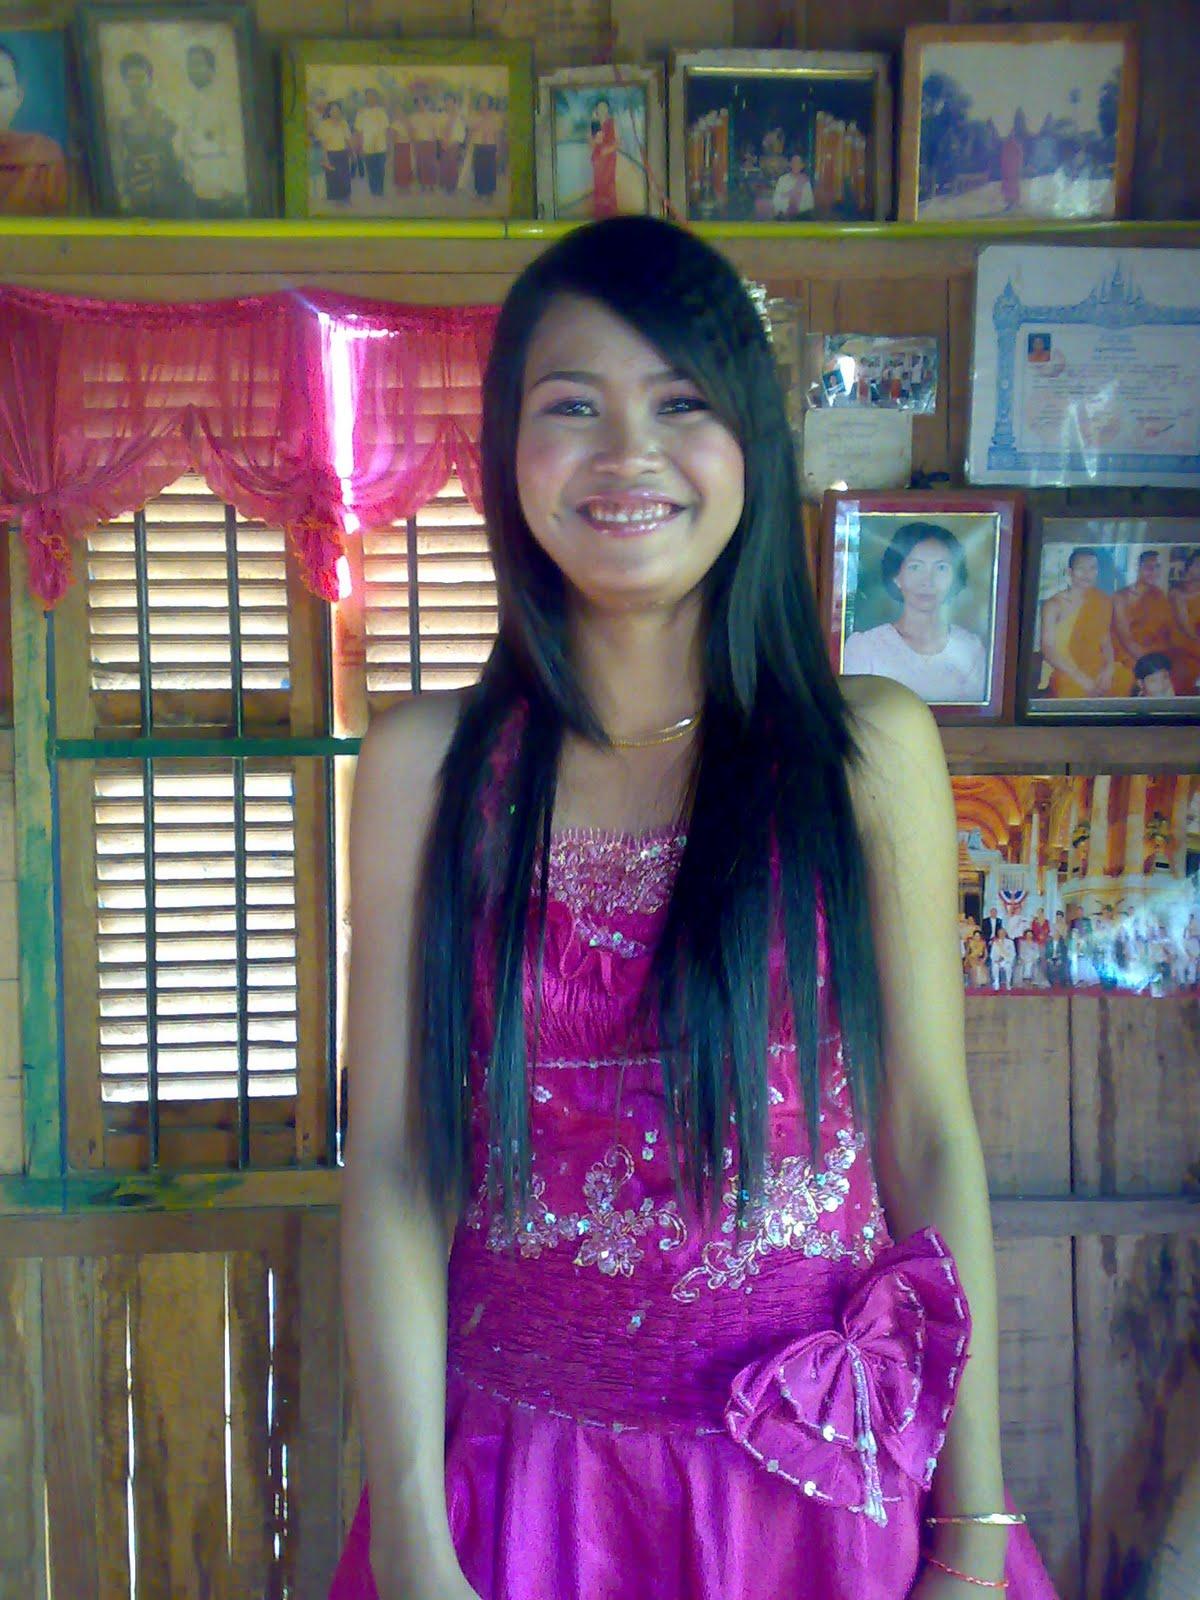 Thailand Teen Girl Nude